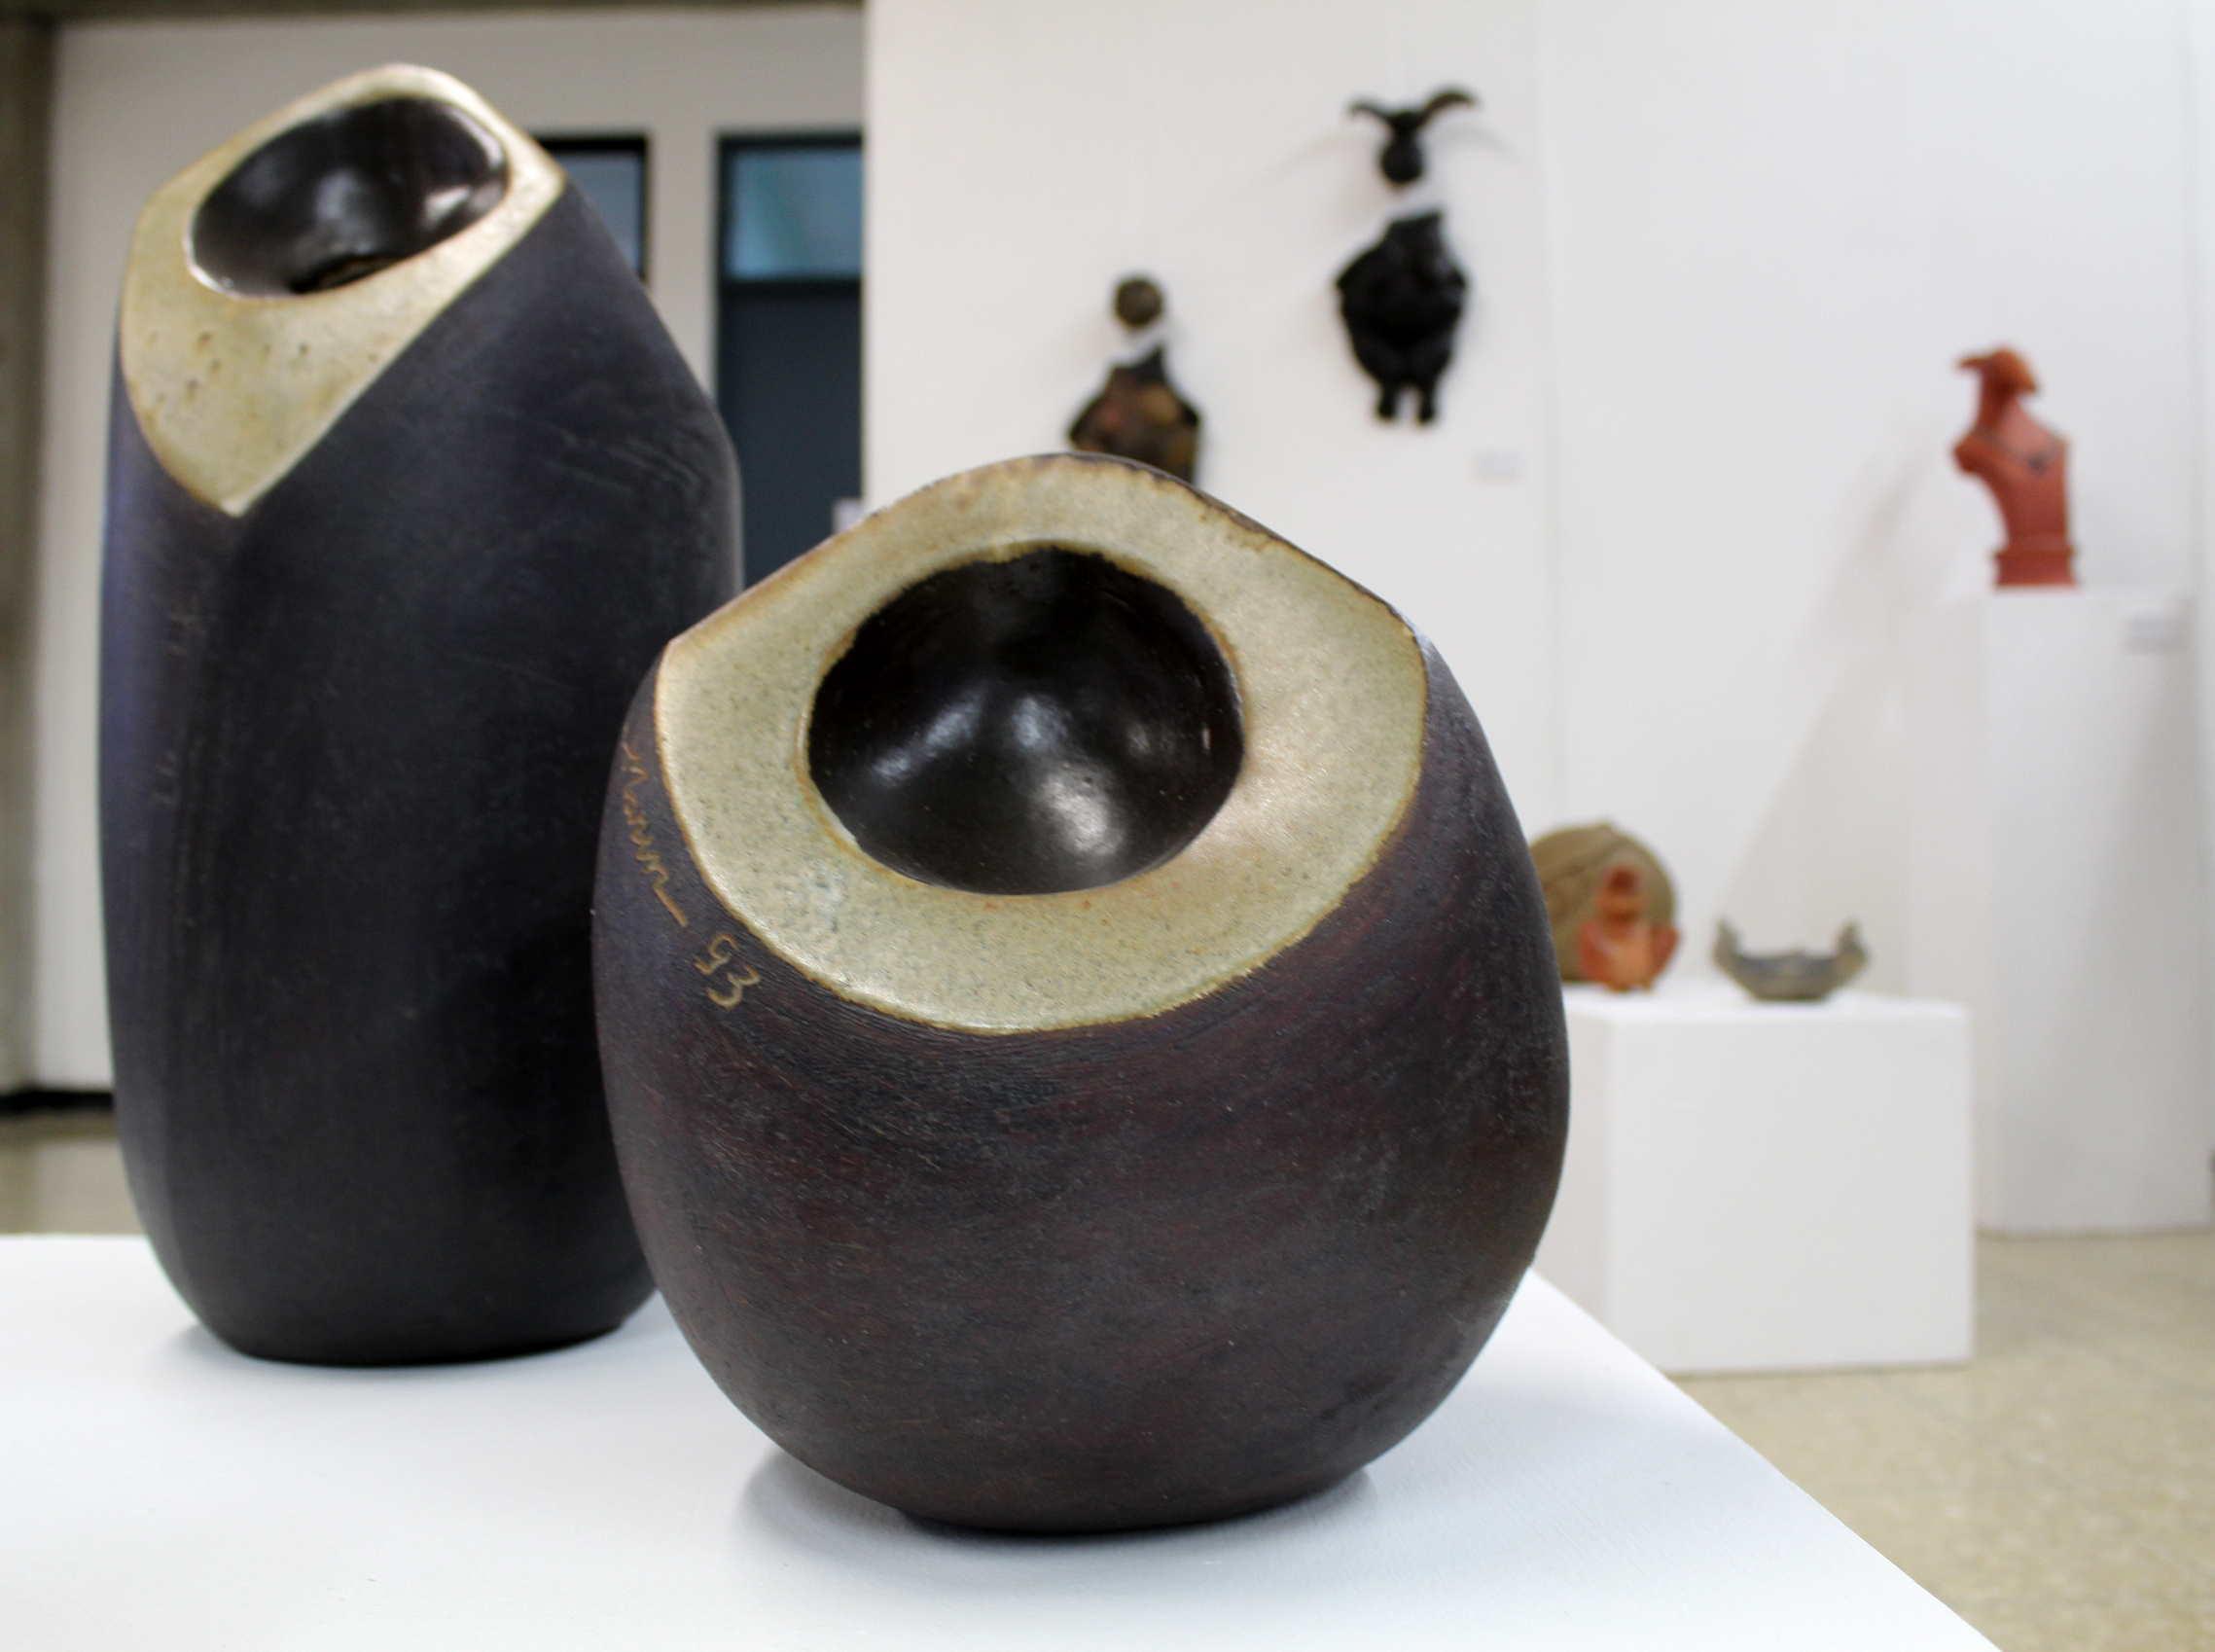 """Obra de Xinia Marín, llamada """"Cocos"""", técnica utilizada torno intervenido, año 1993. Fotografía: Adriana Araya."""